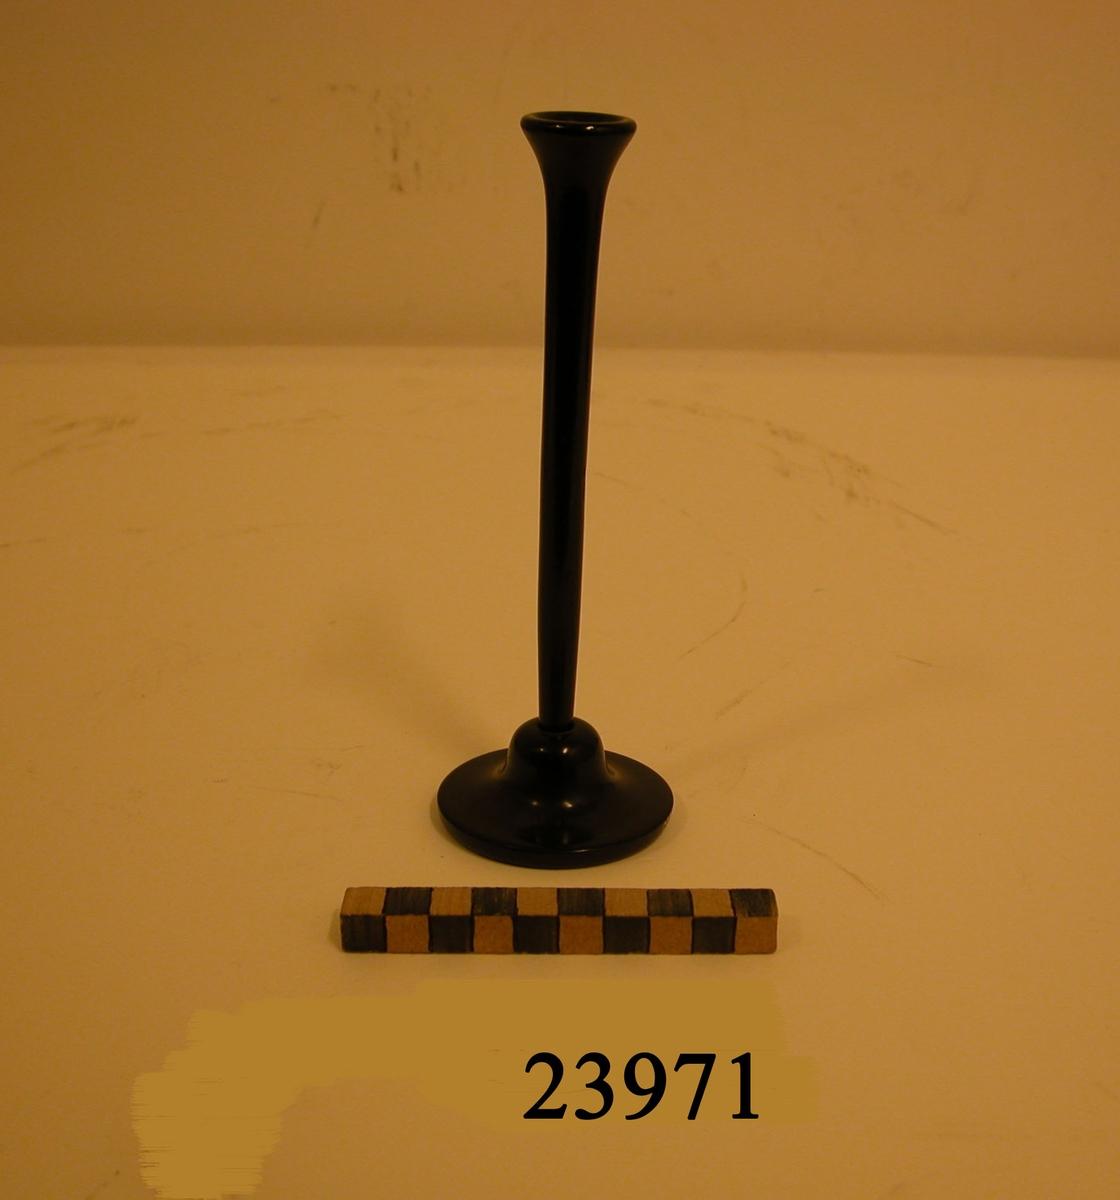 Stetoskop av trä, svartlackerat, isärskruvbart.